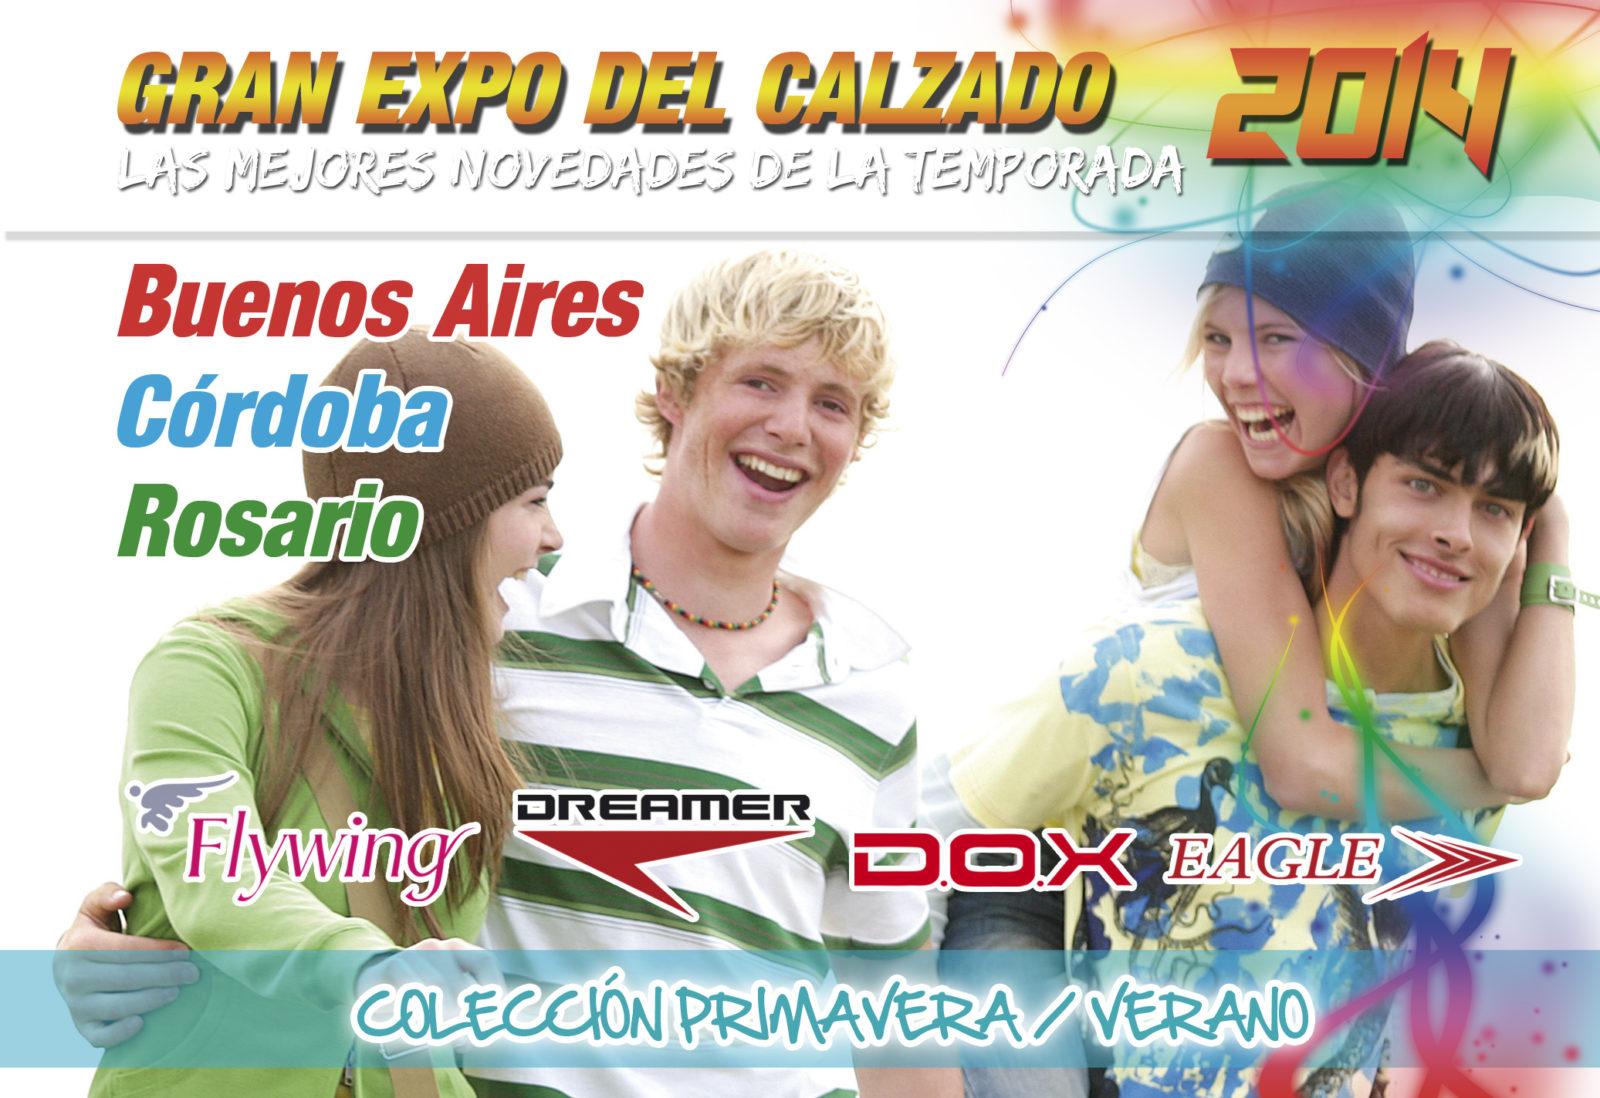 Gran Exposición del Calzado Mendoza 2014